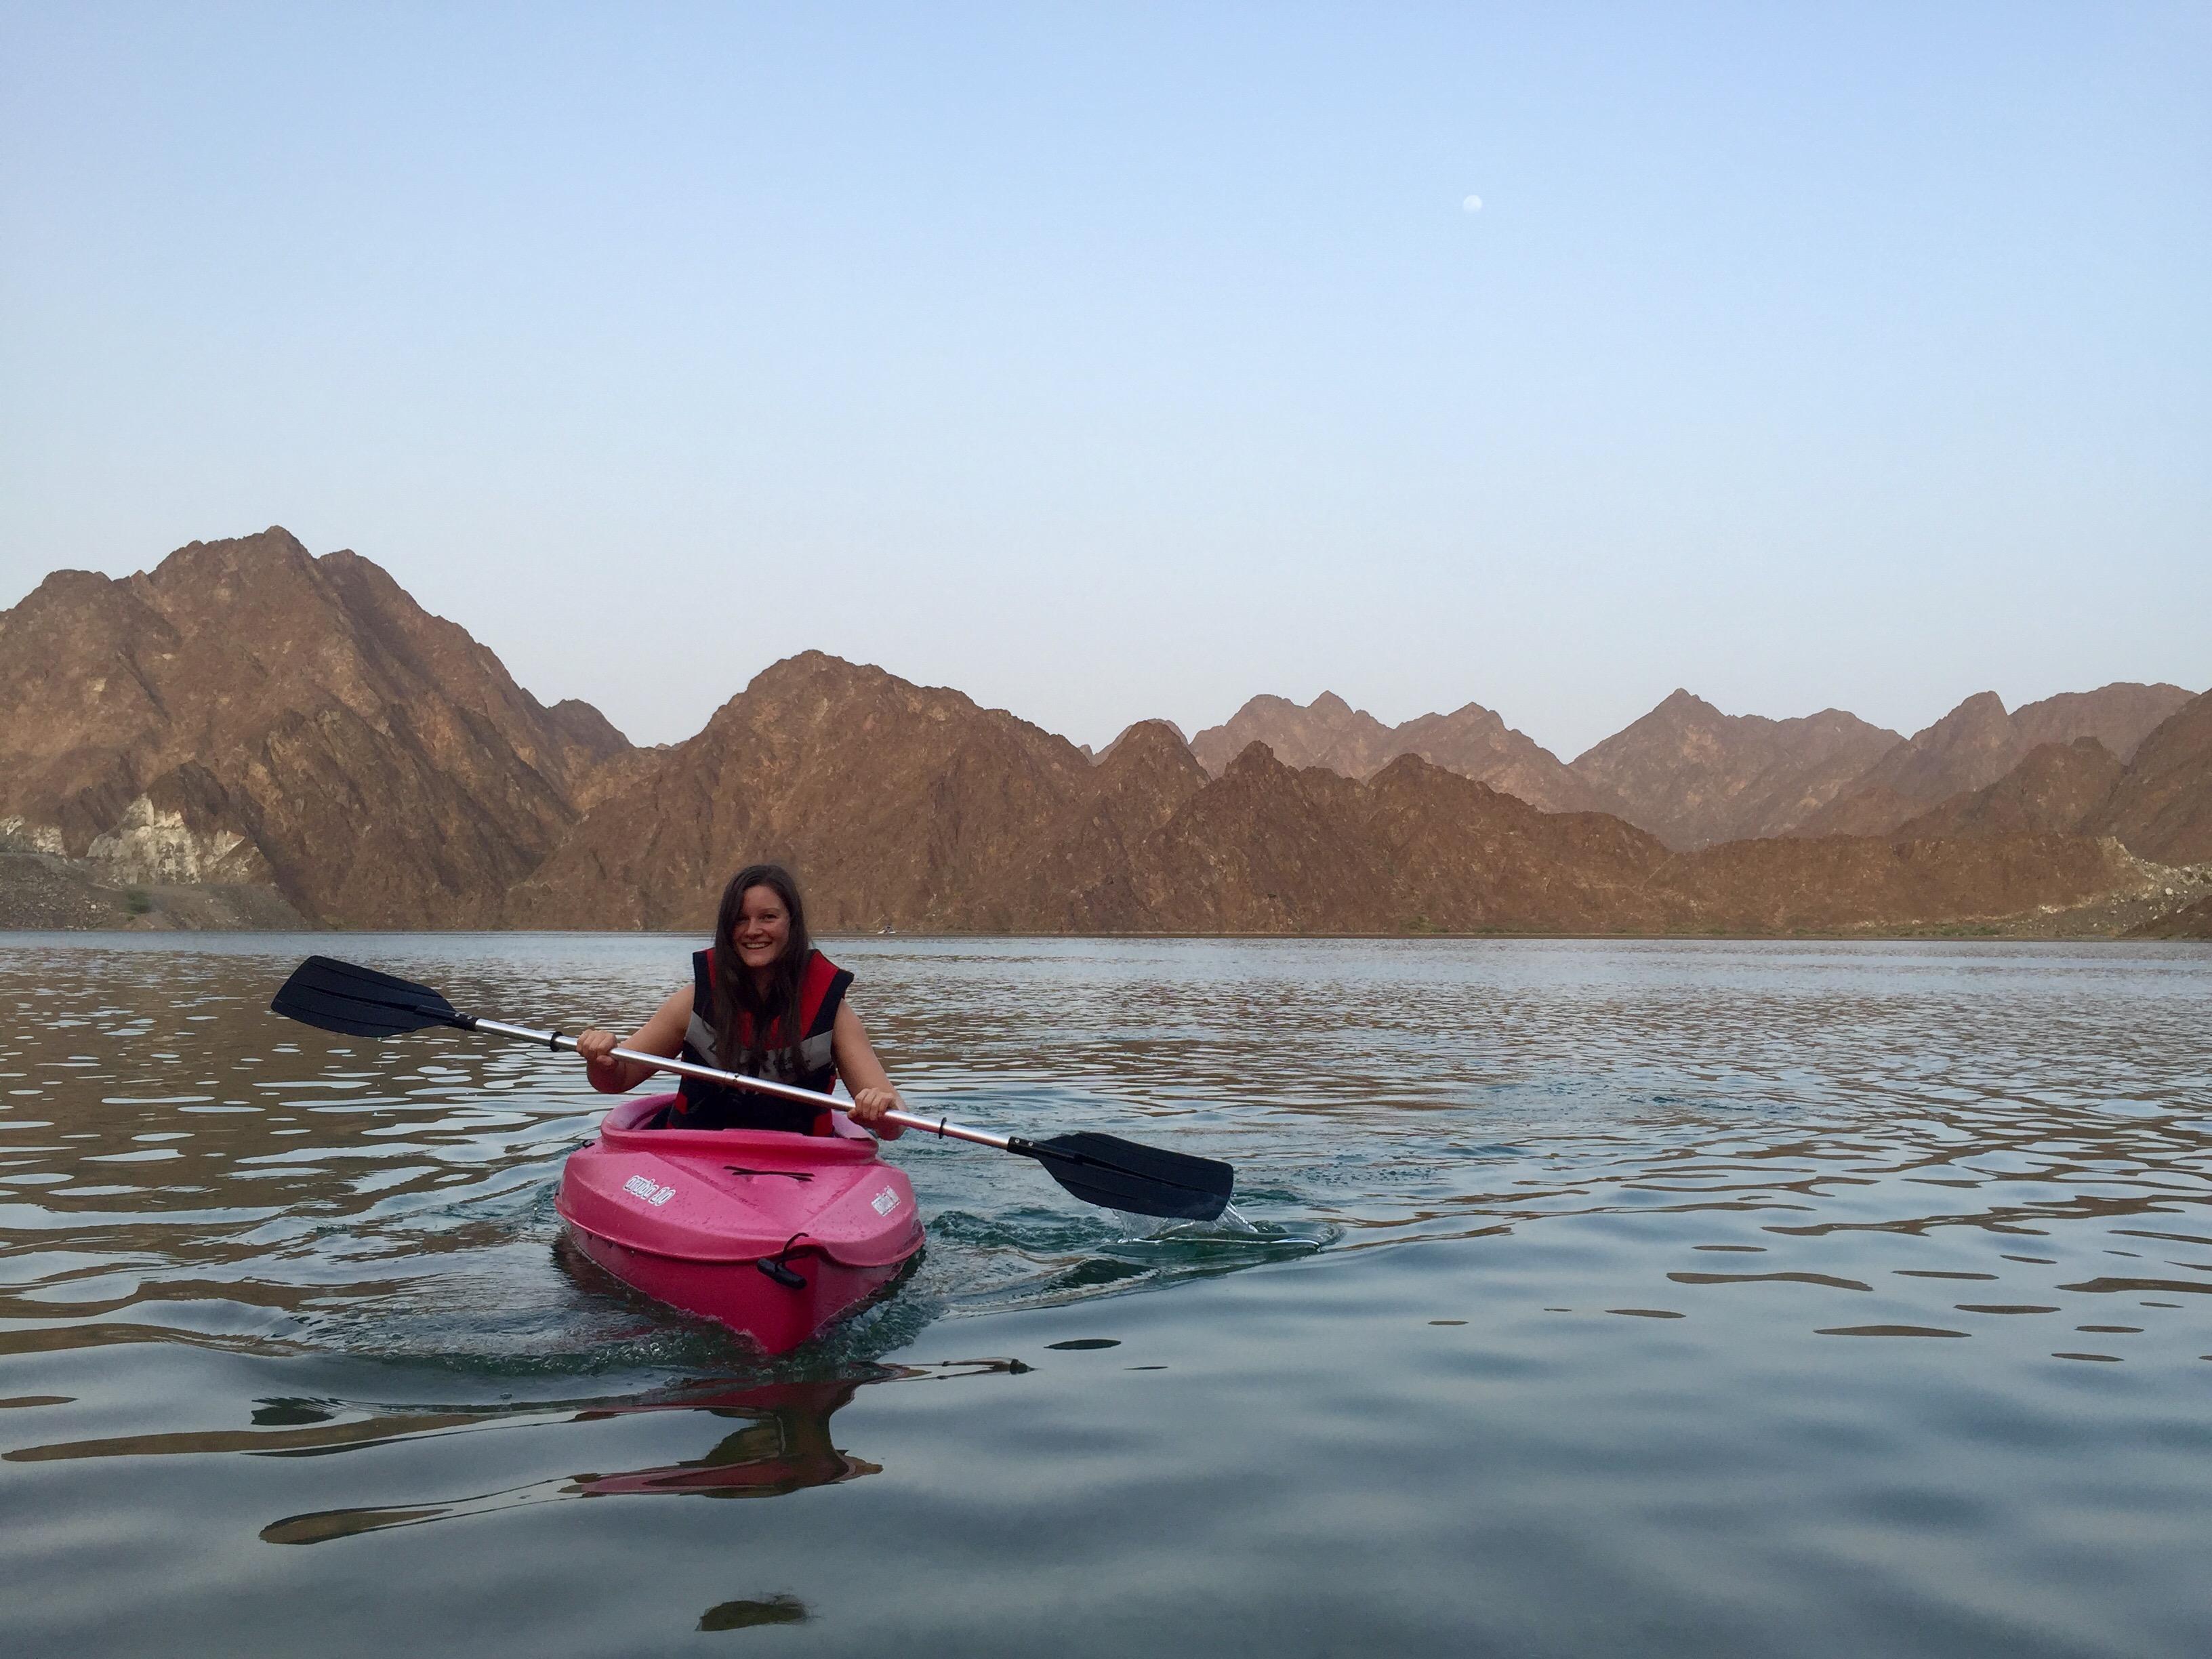 Kayaking at Hatta Dam